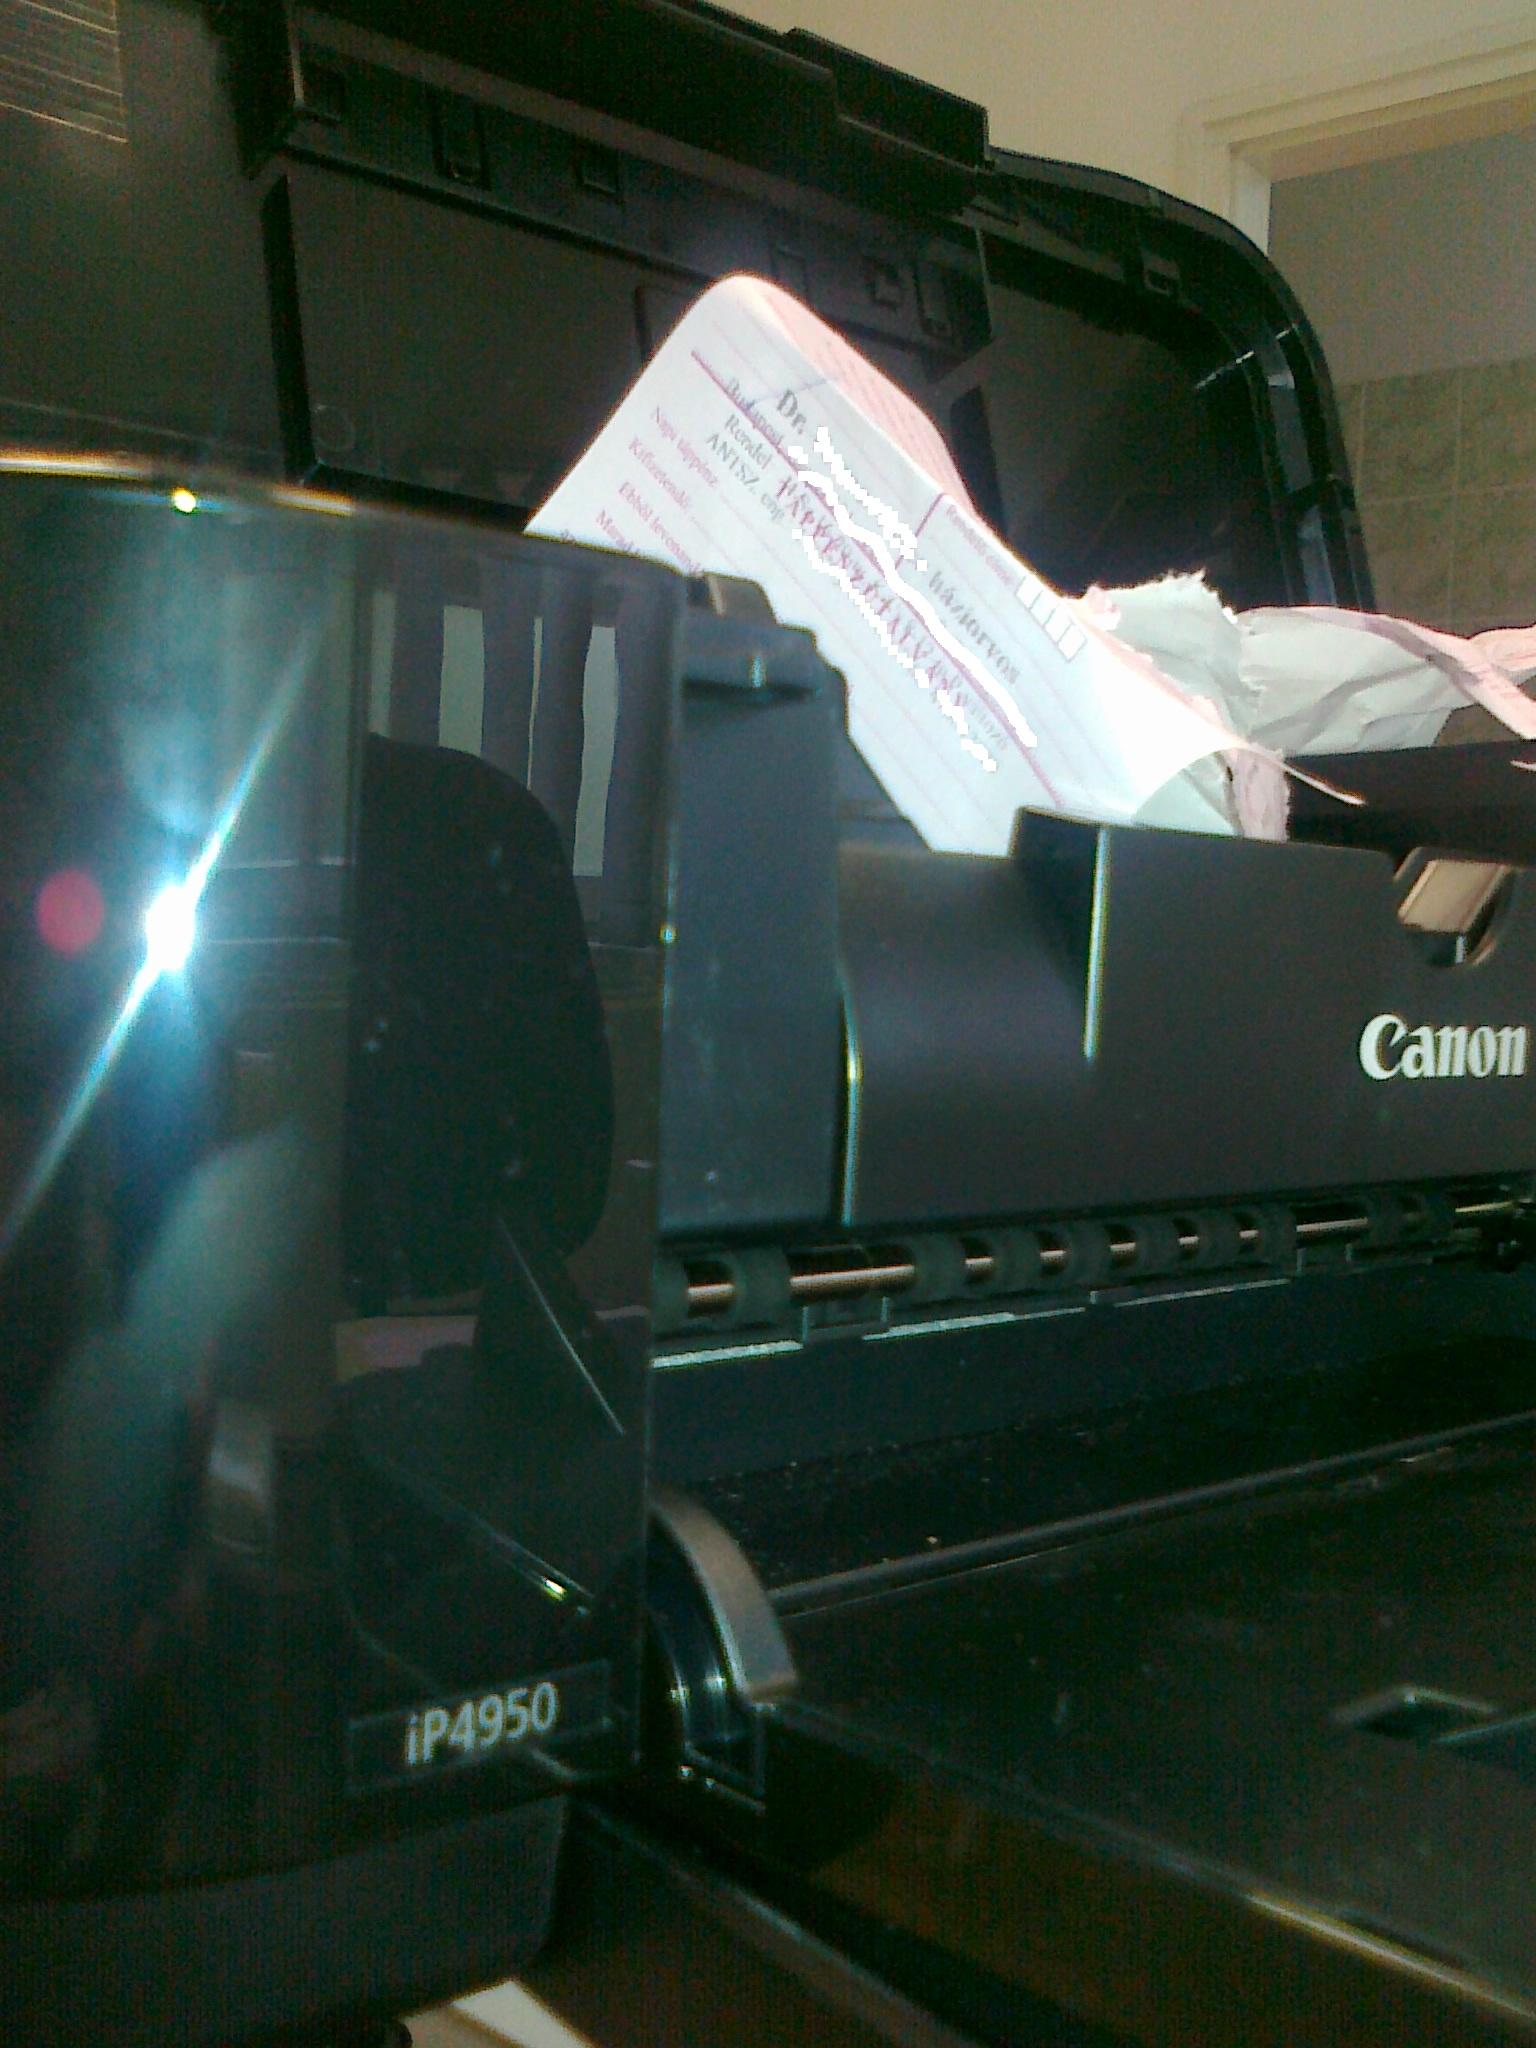 Canon PIXMA IP4950 gyorstesztje orvosi rendelőben